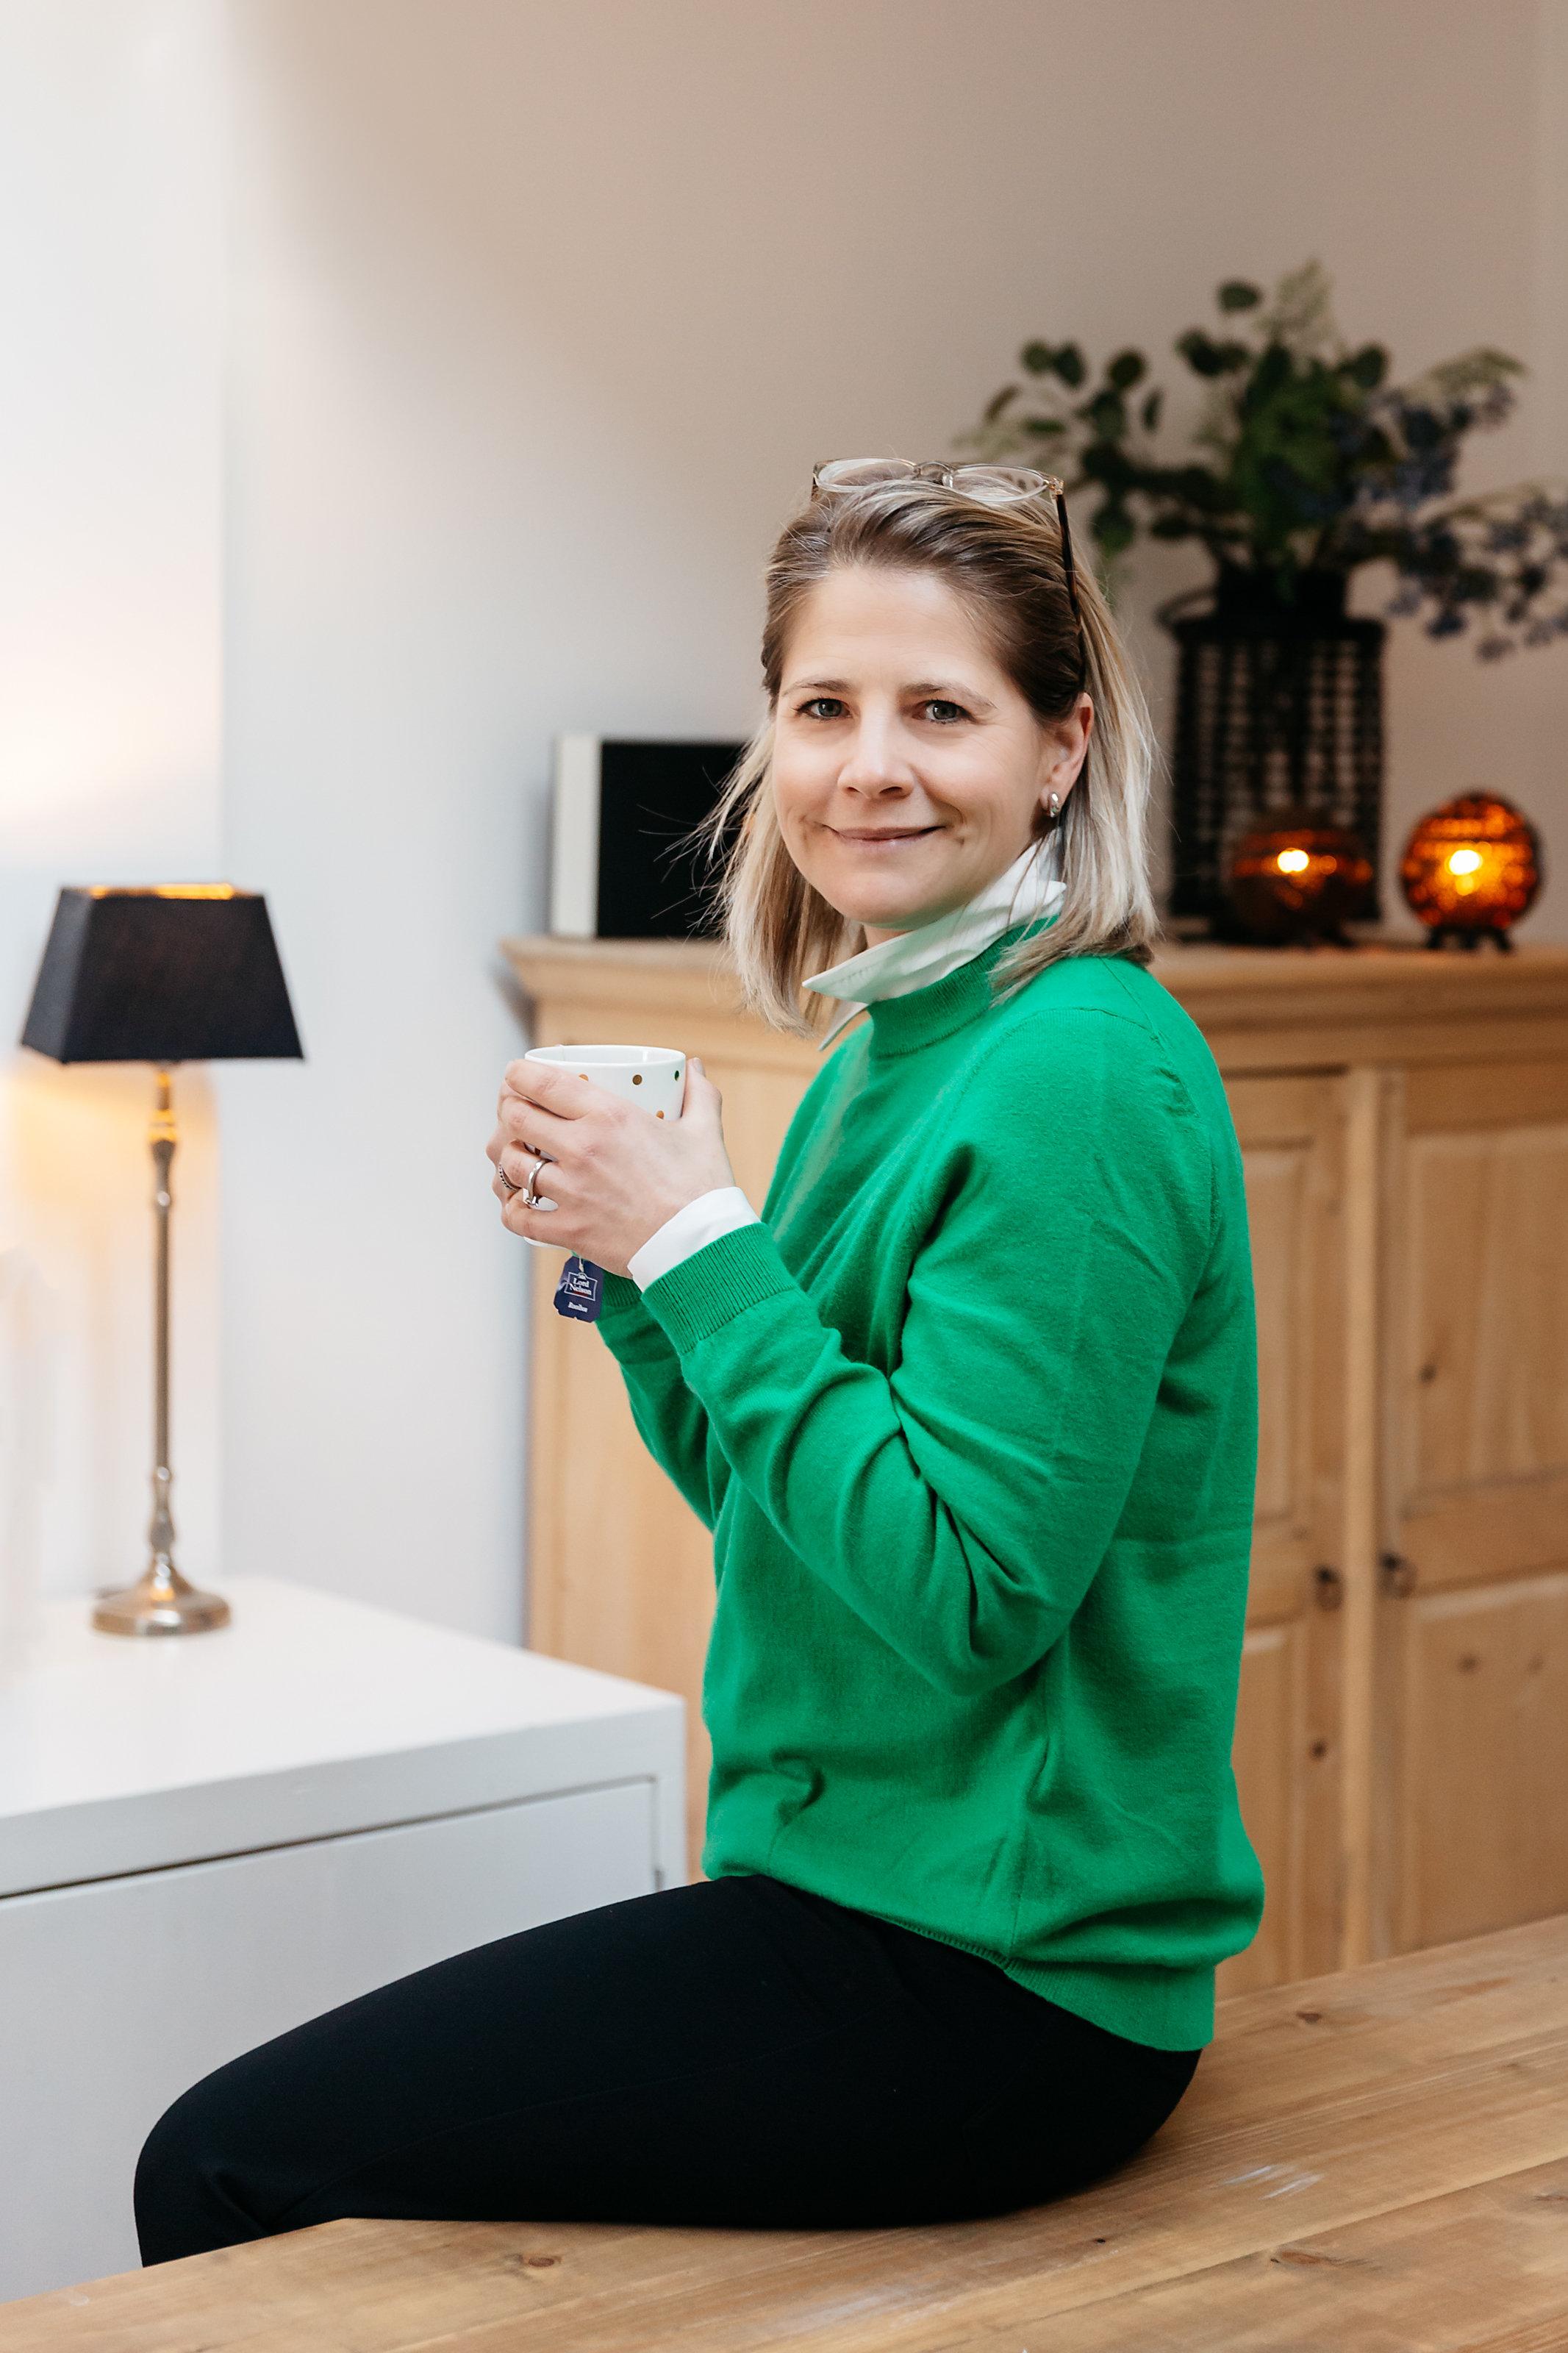 Kim Meijer